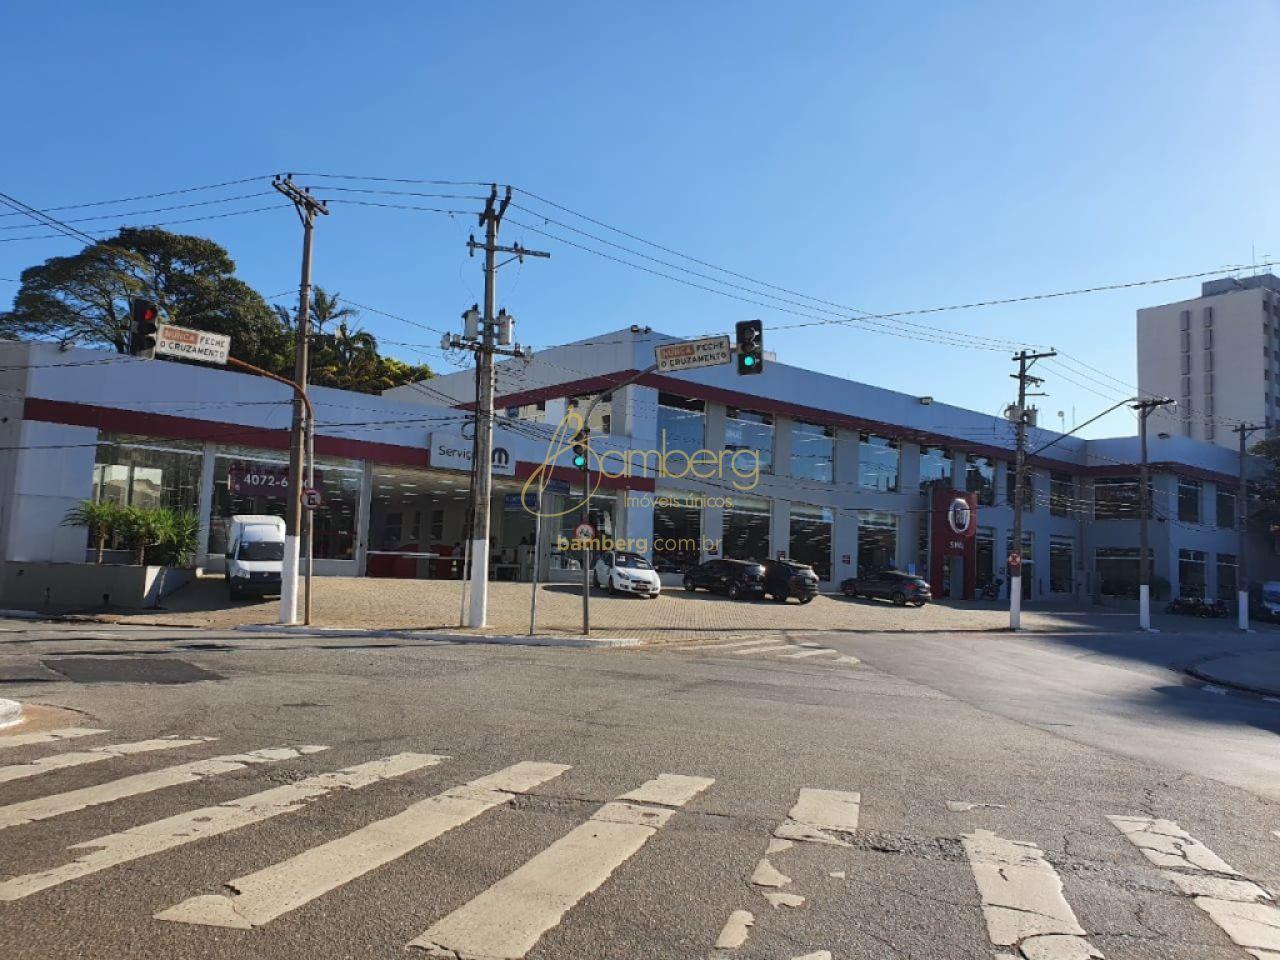 Loja para Venda - Indianópolis